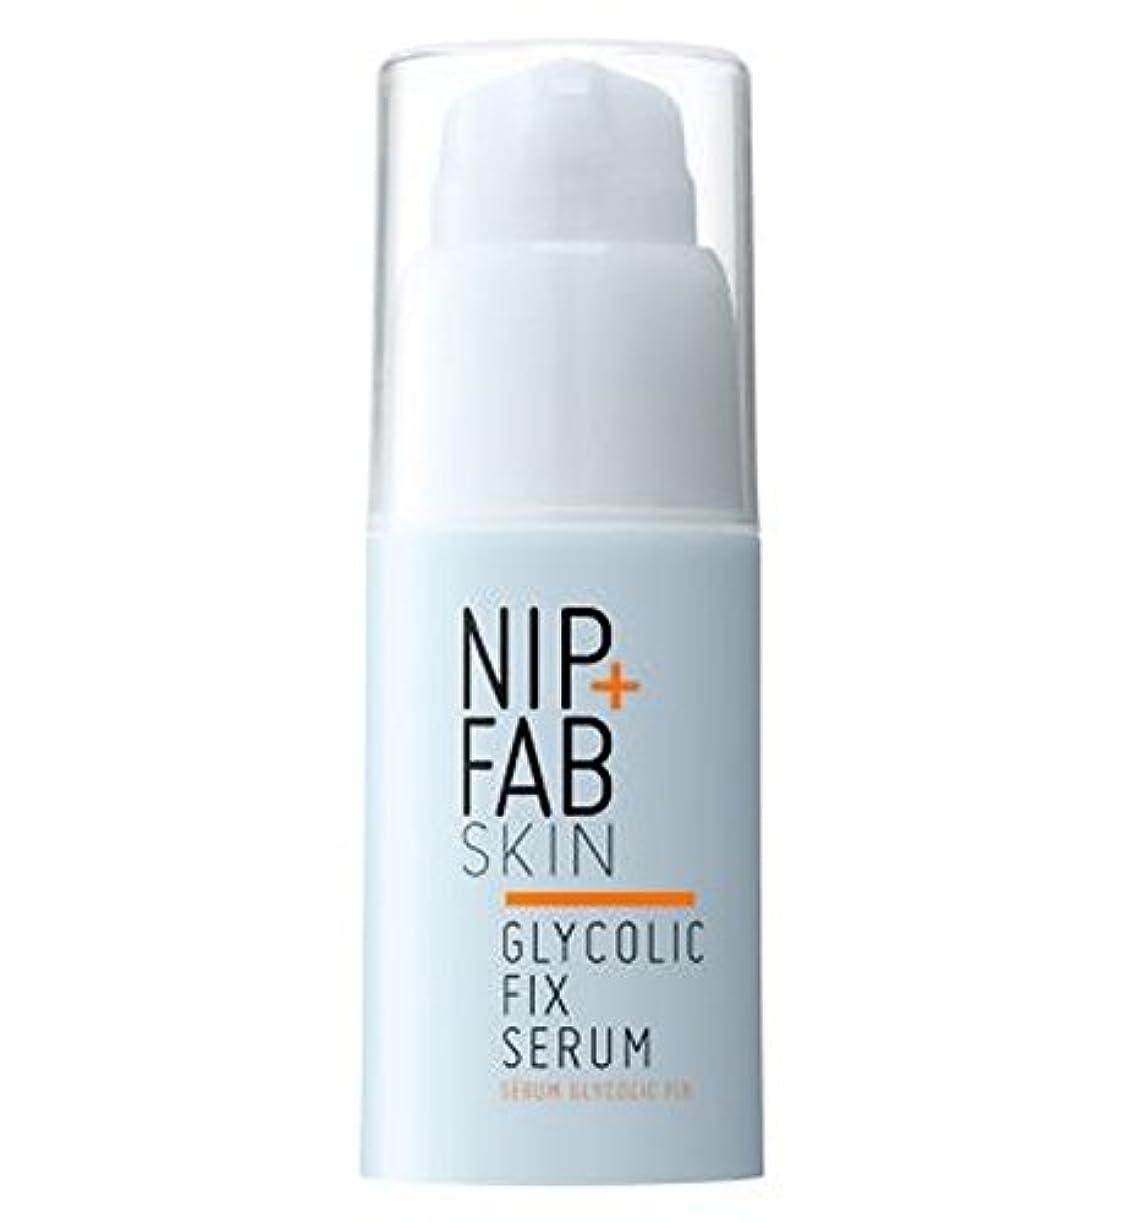 水分家禽バイオリンNip + Fab Glycolic Fix Serum 30ml - +ファブグリコール修正血清30ミリリットルニップ (Nip & Fab) [並行輸入品]